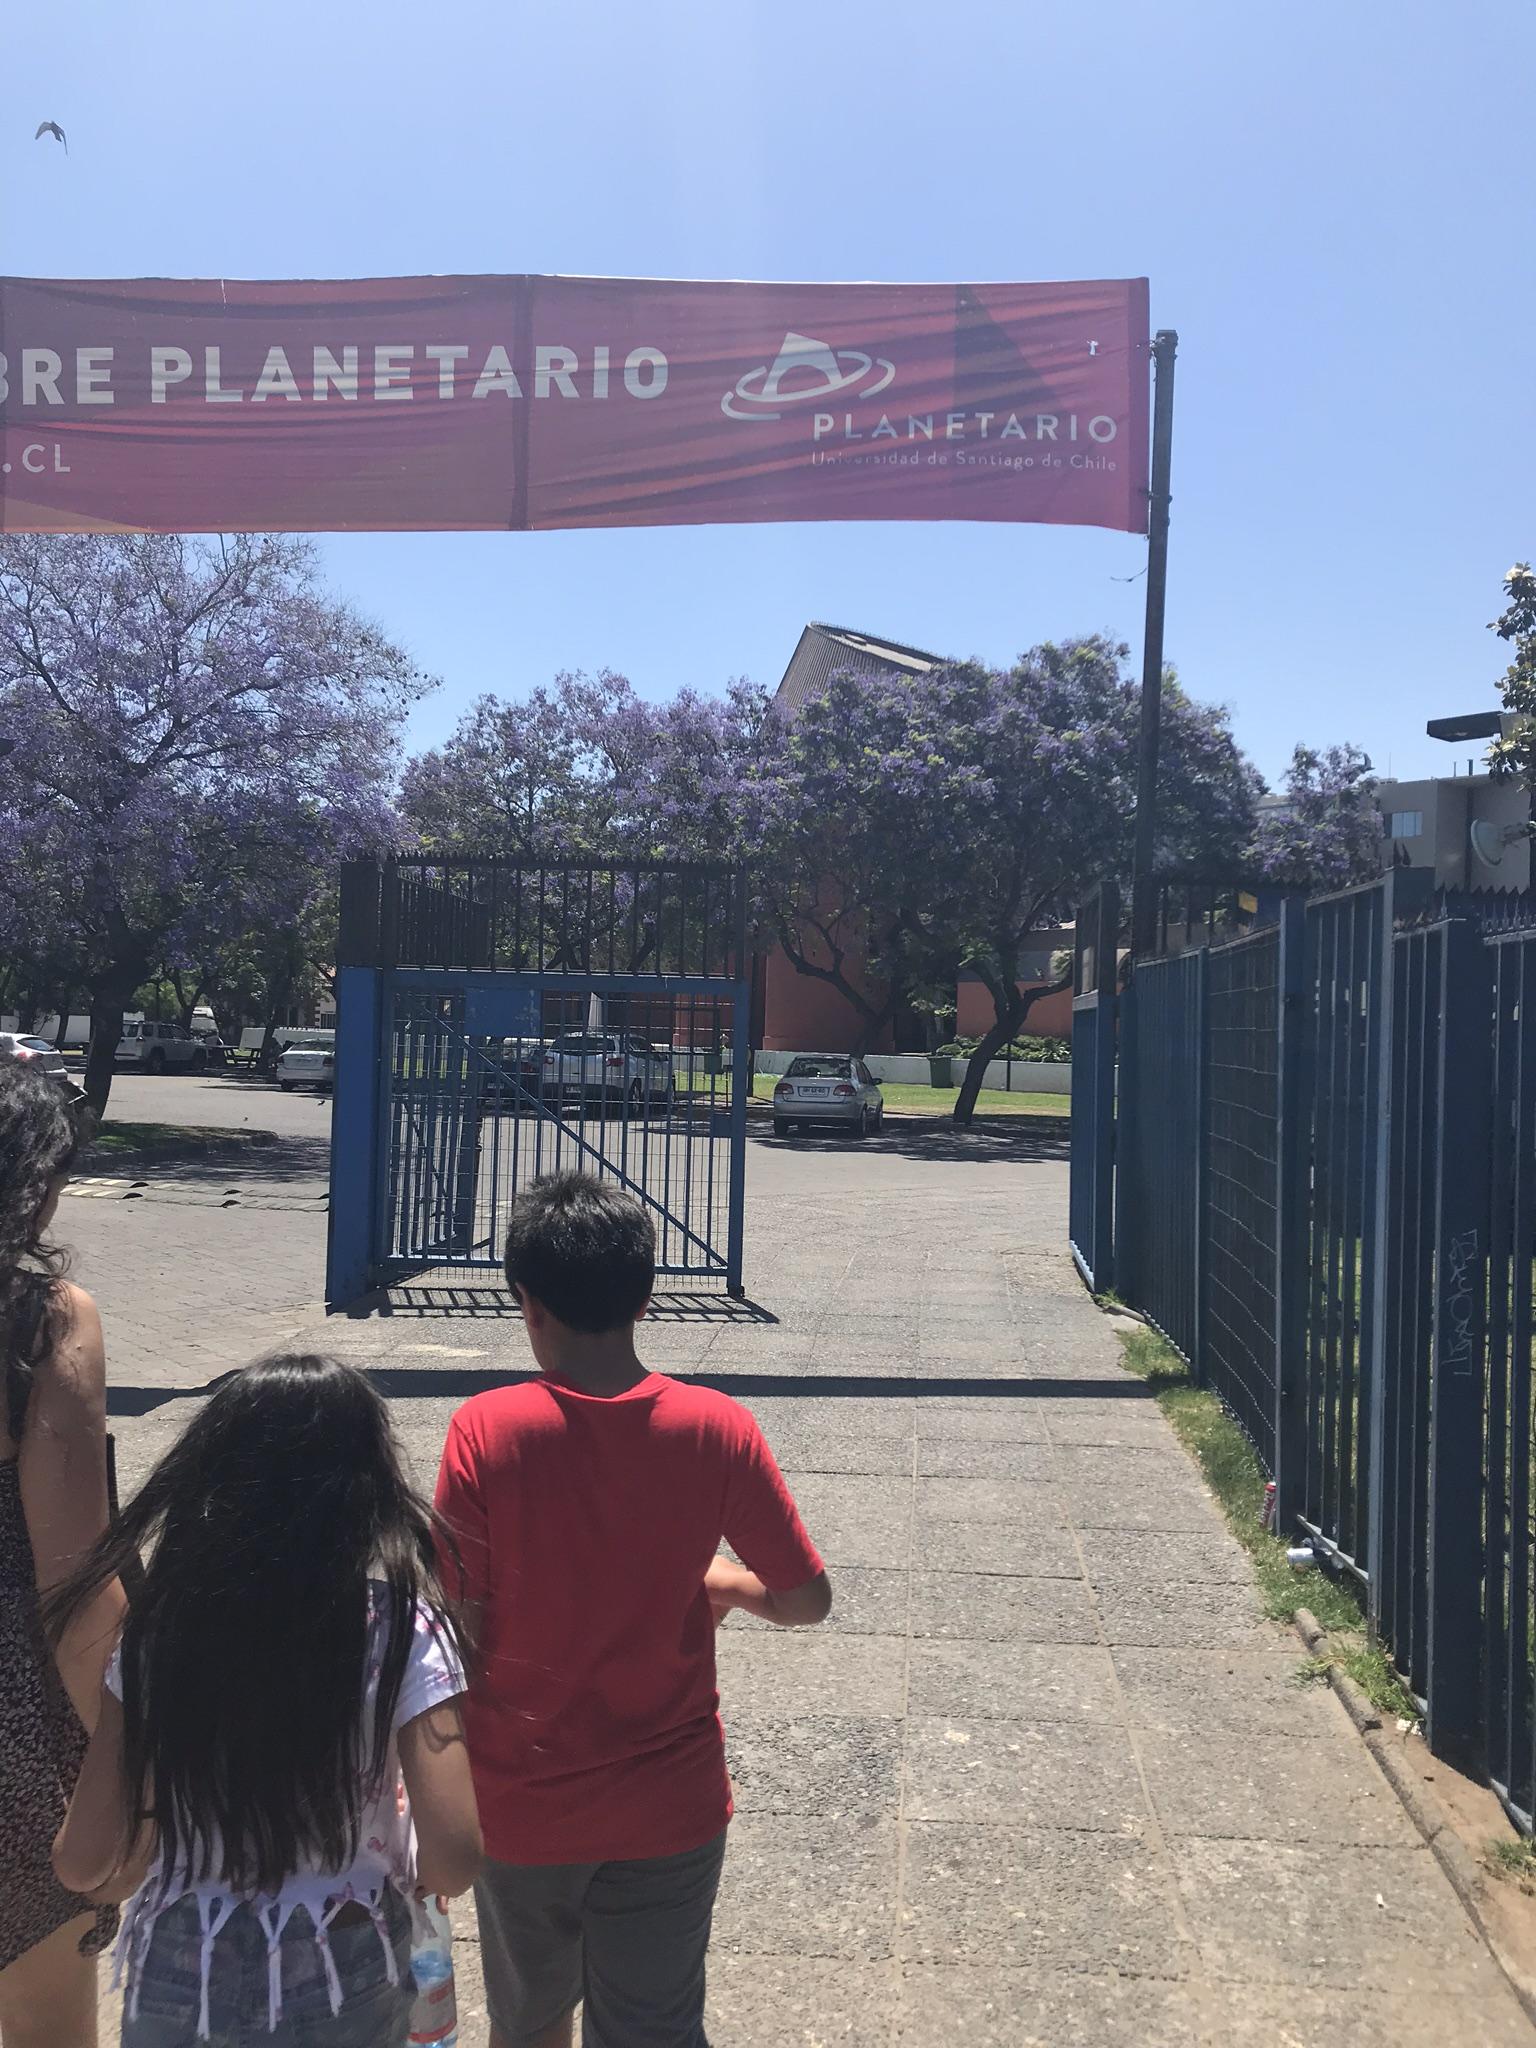 Planetario de Santiago | Mi blog de aventuras | 2018